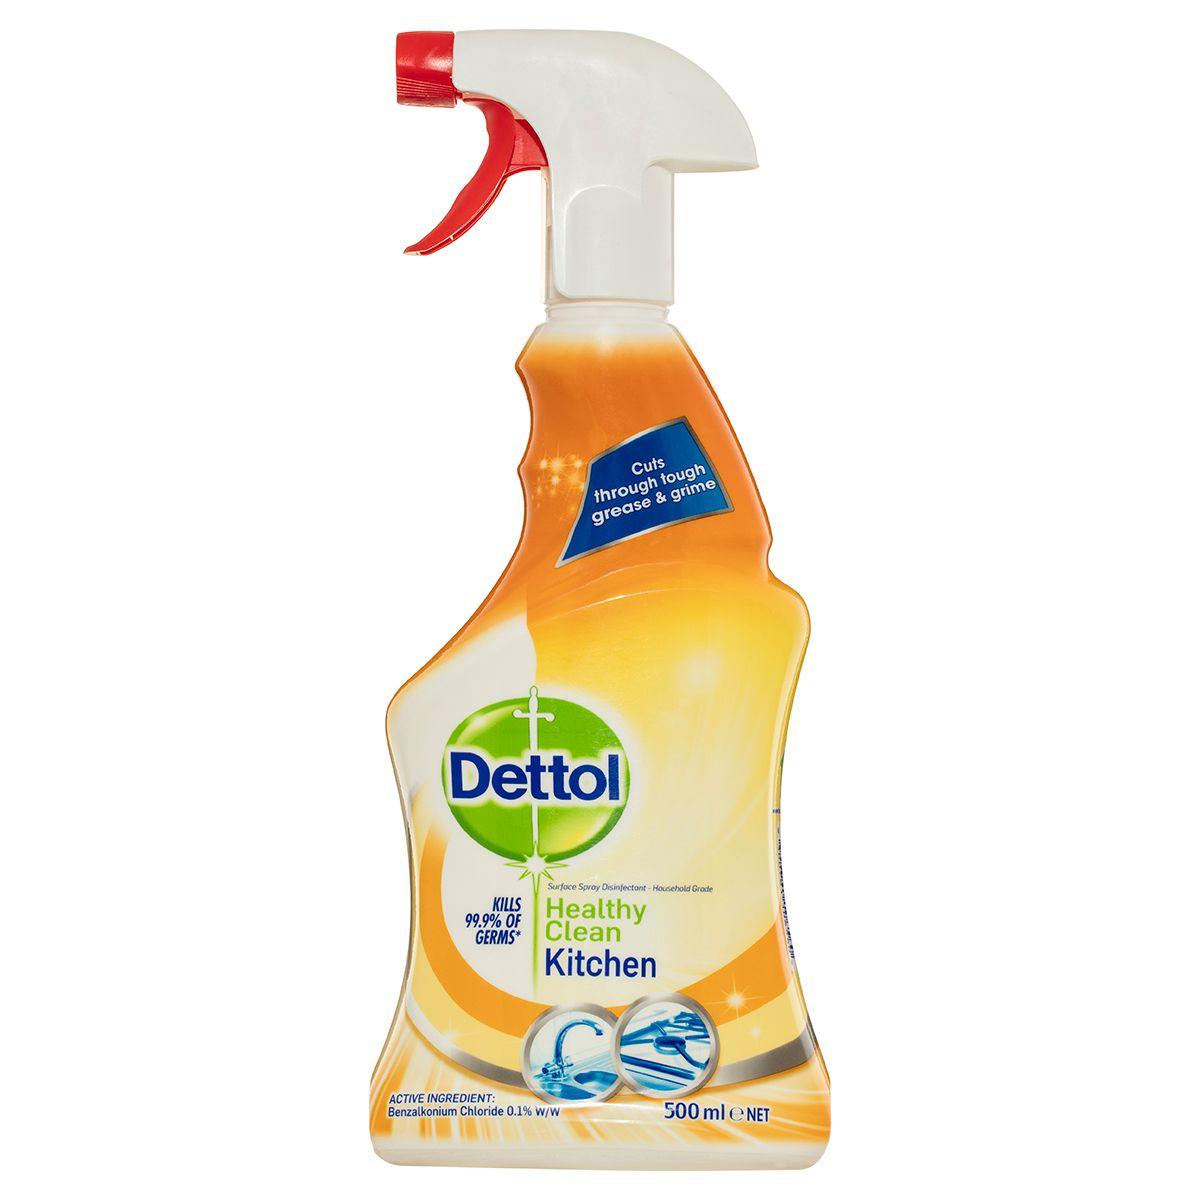 Dettol Healthy Clean Kitchen Spray 500mL